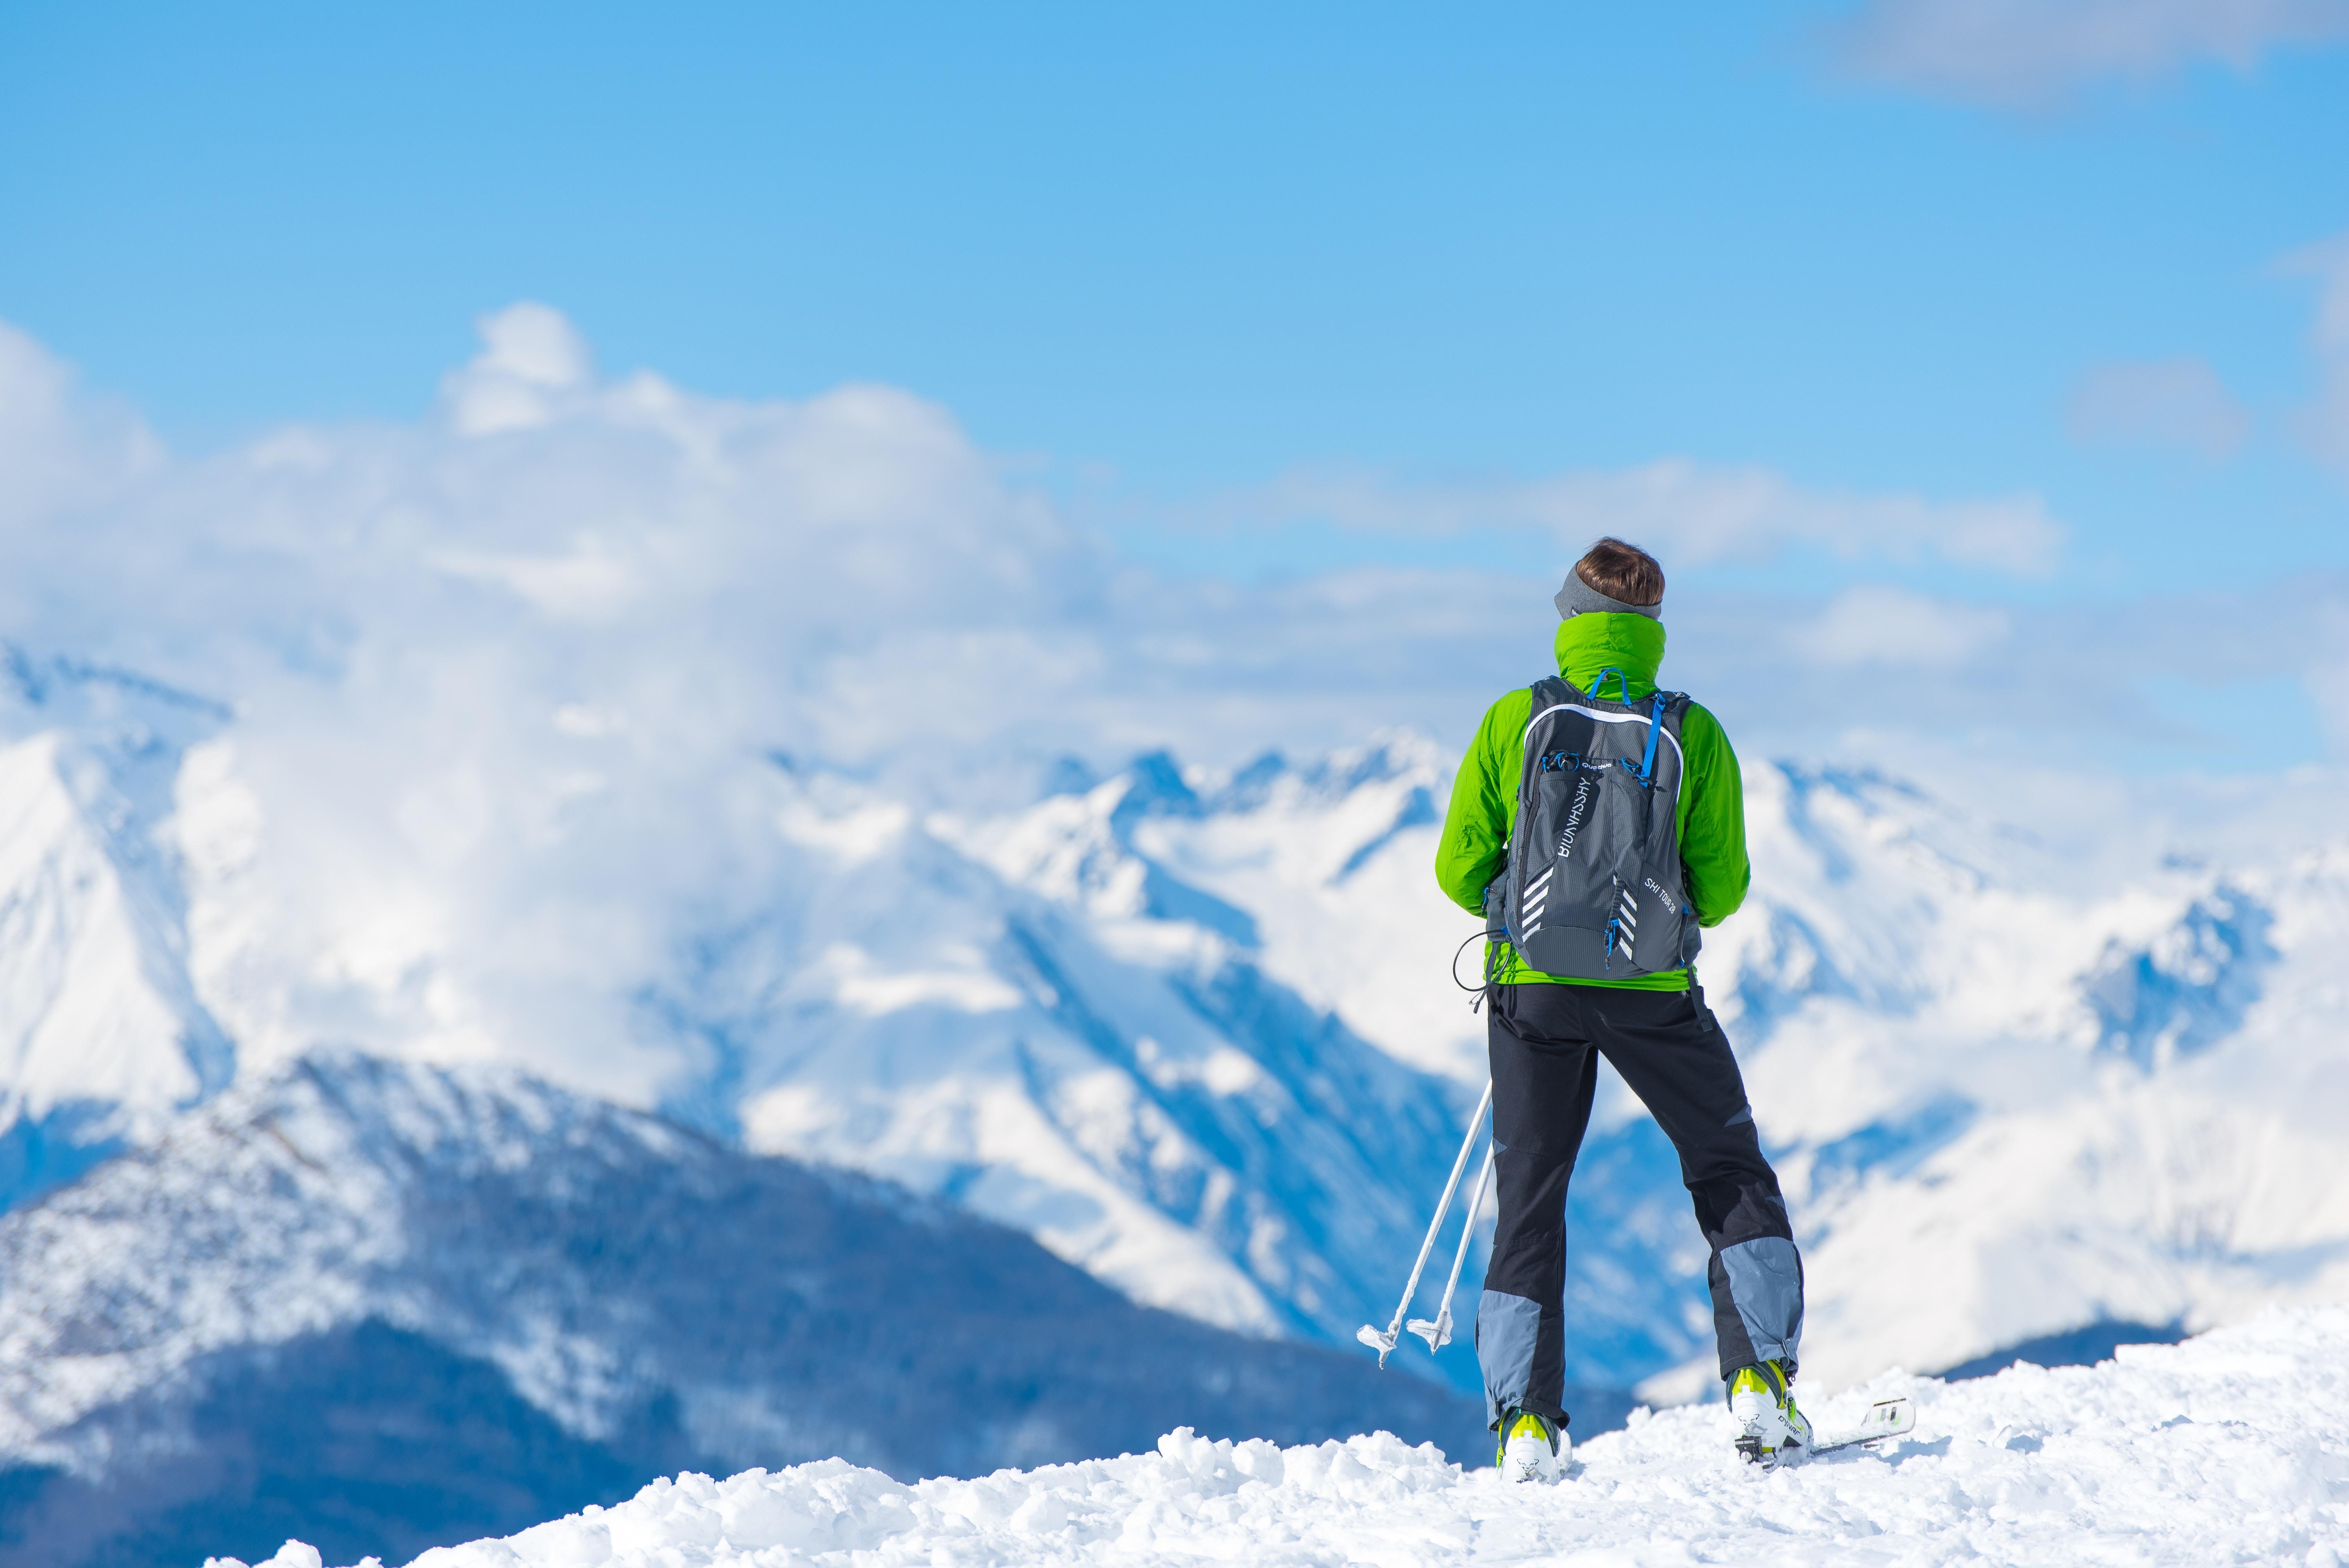 Hvad koster det at blive skiguide